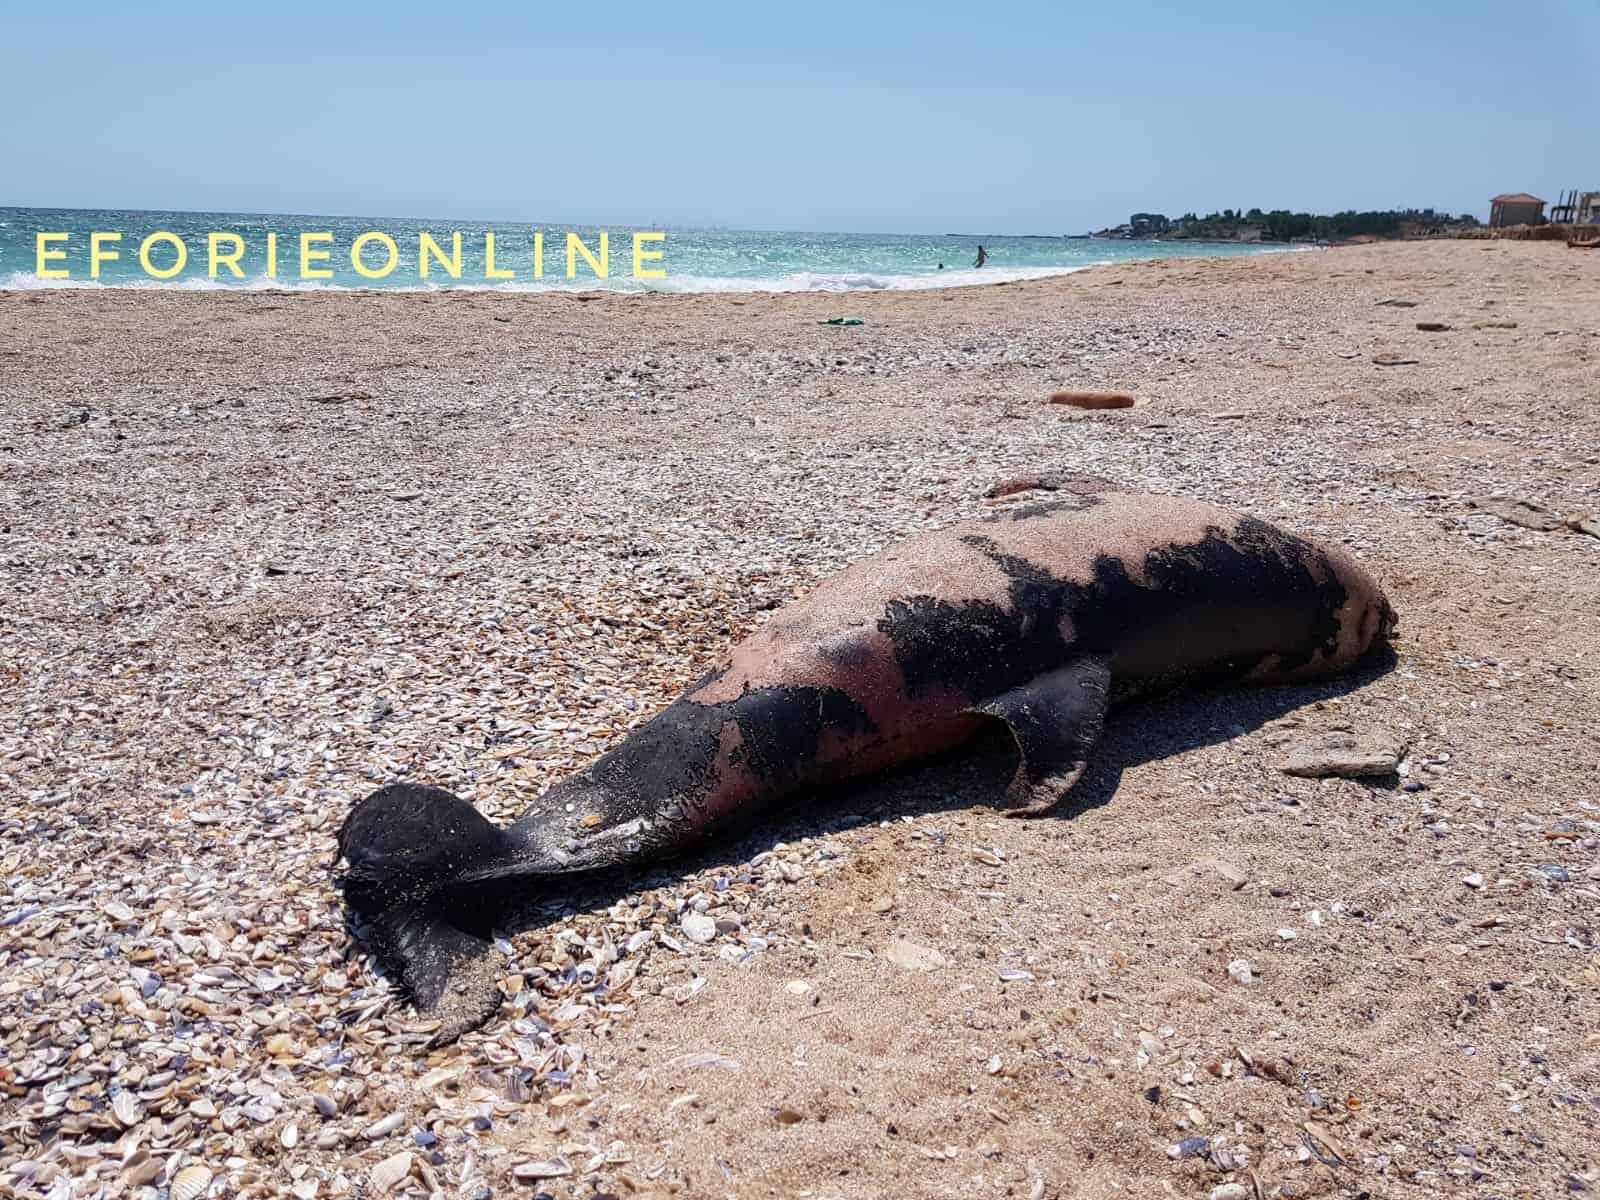 delfin esuat Eforie